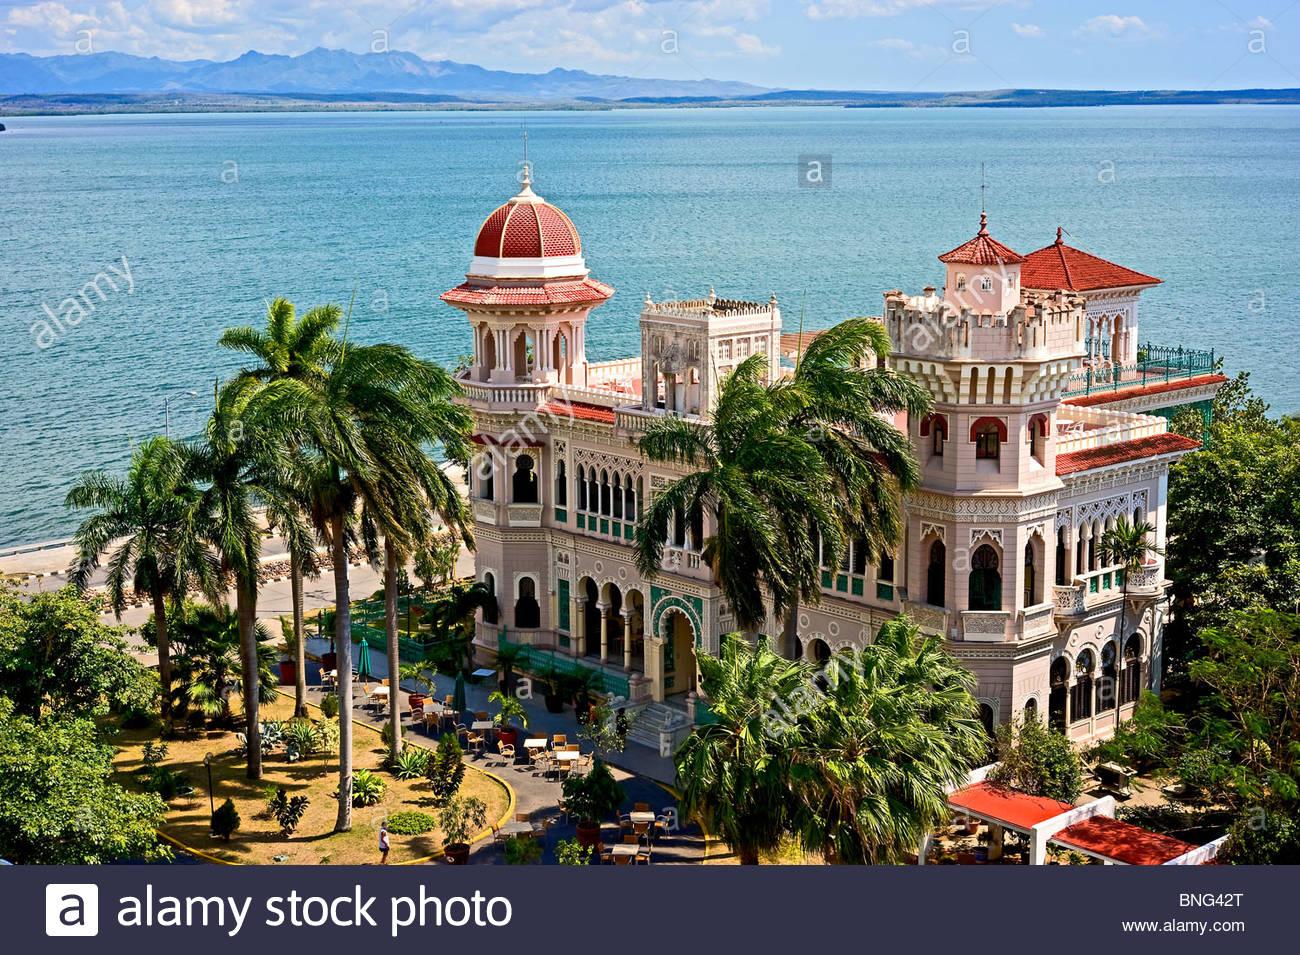 The Palacio de Valle,Cienfuegos,Cuba - Stock Image